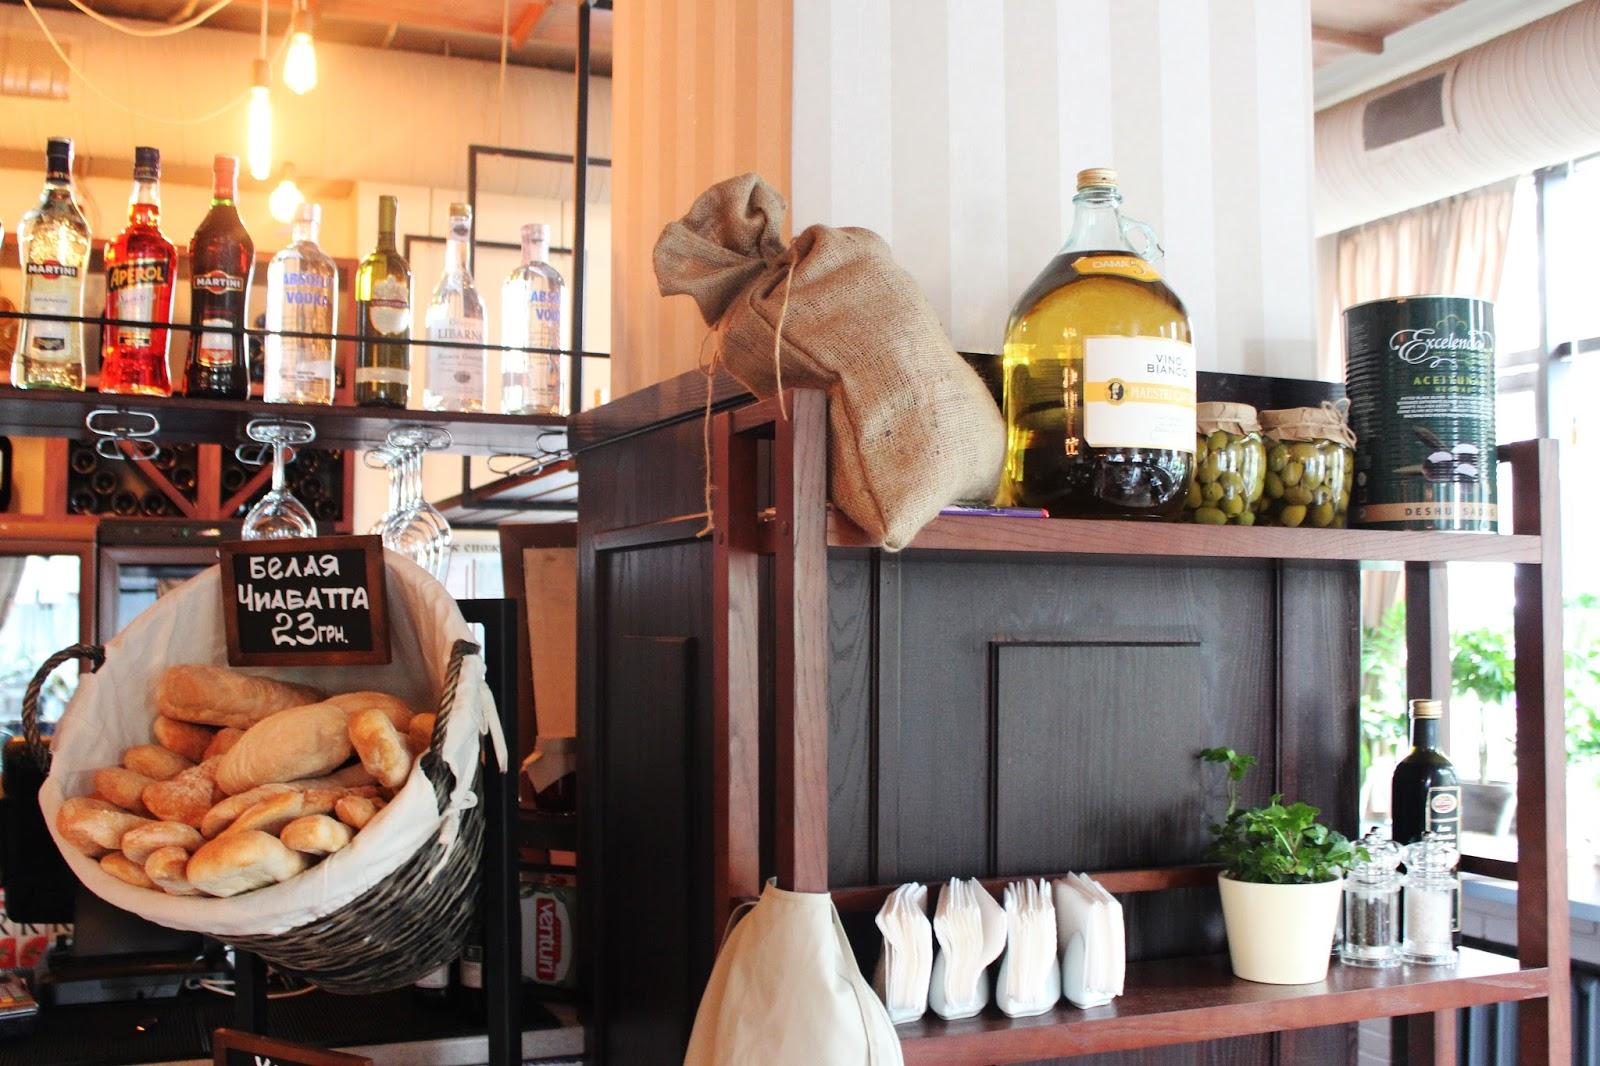 итальянский ресторан Trattoria ZUCCA, отзывы, киев, где вкусно поесть в Киеве, фуд блогер